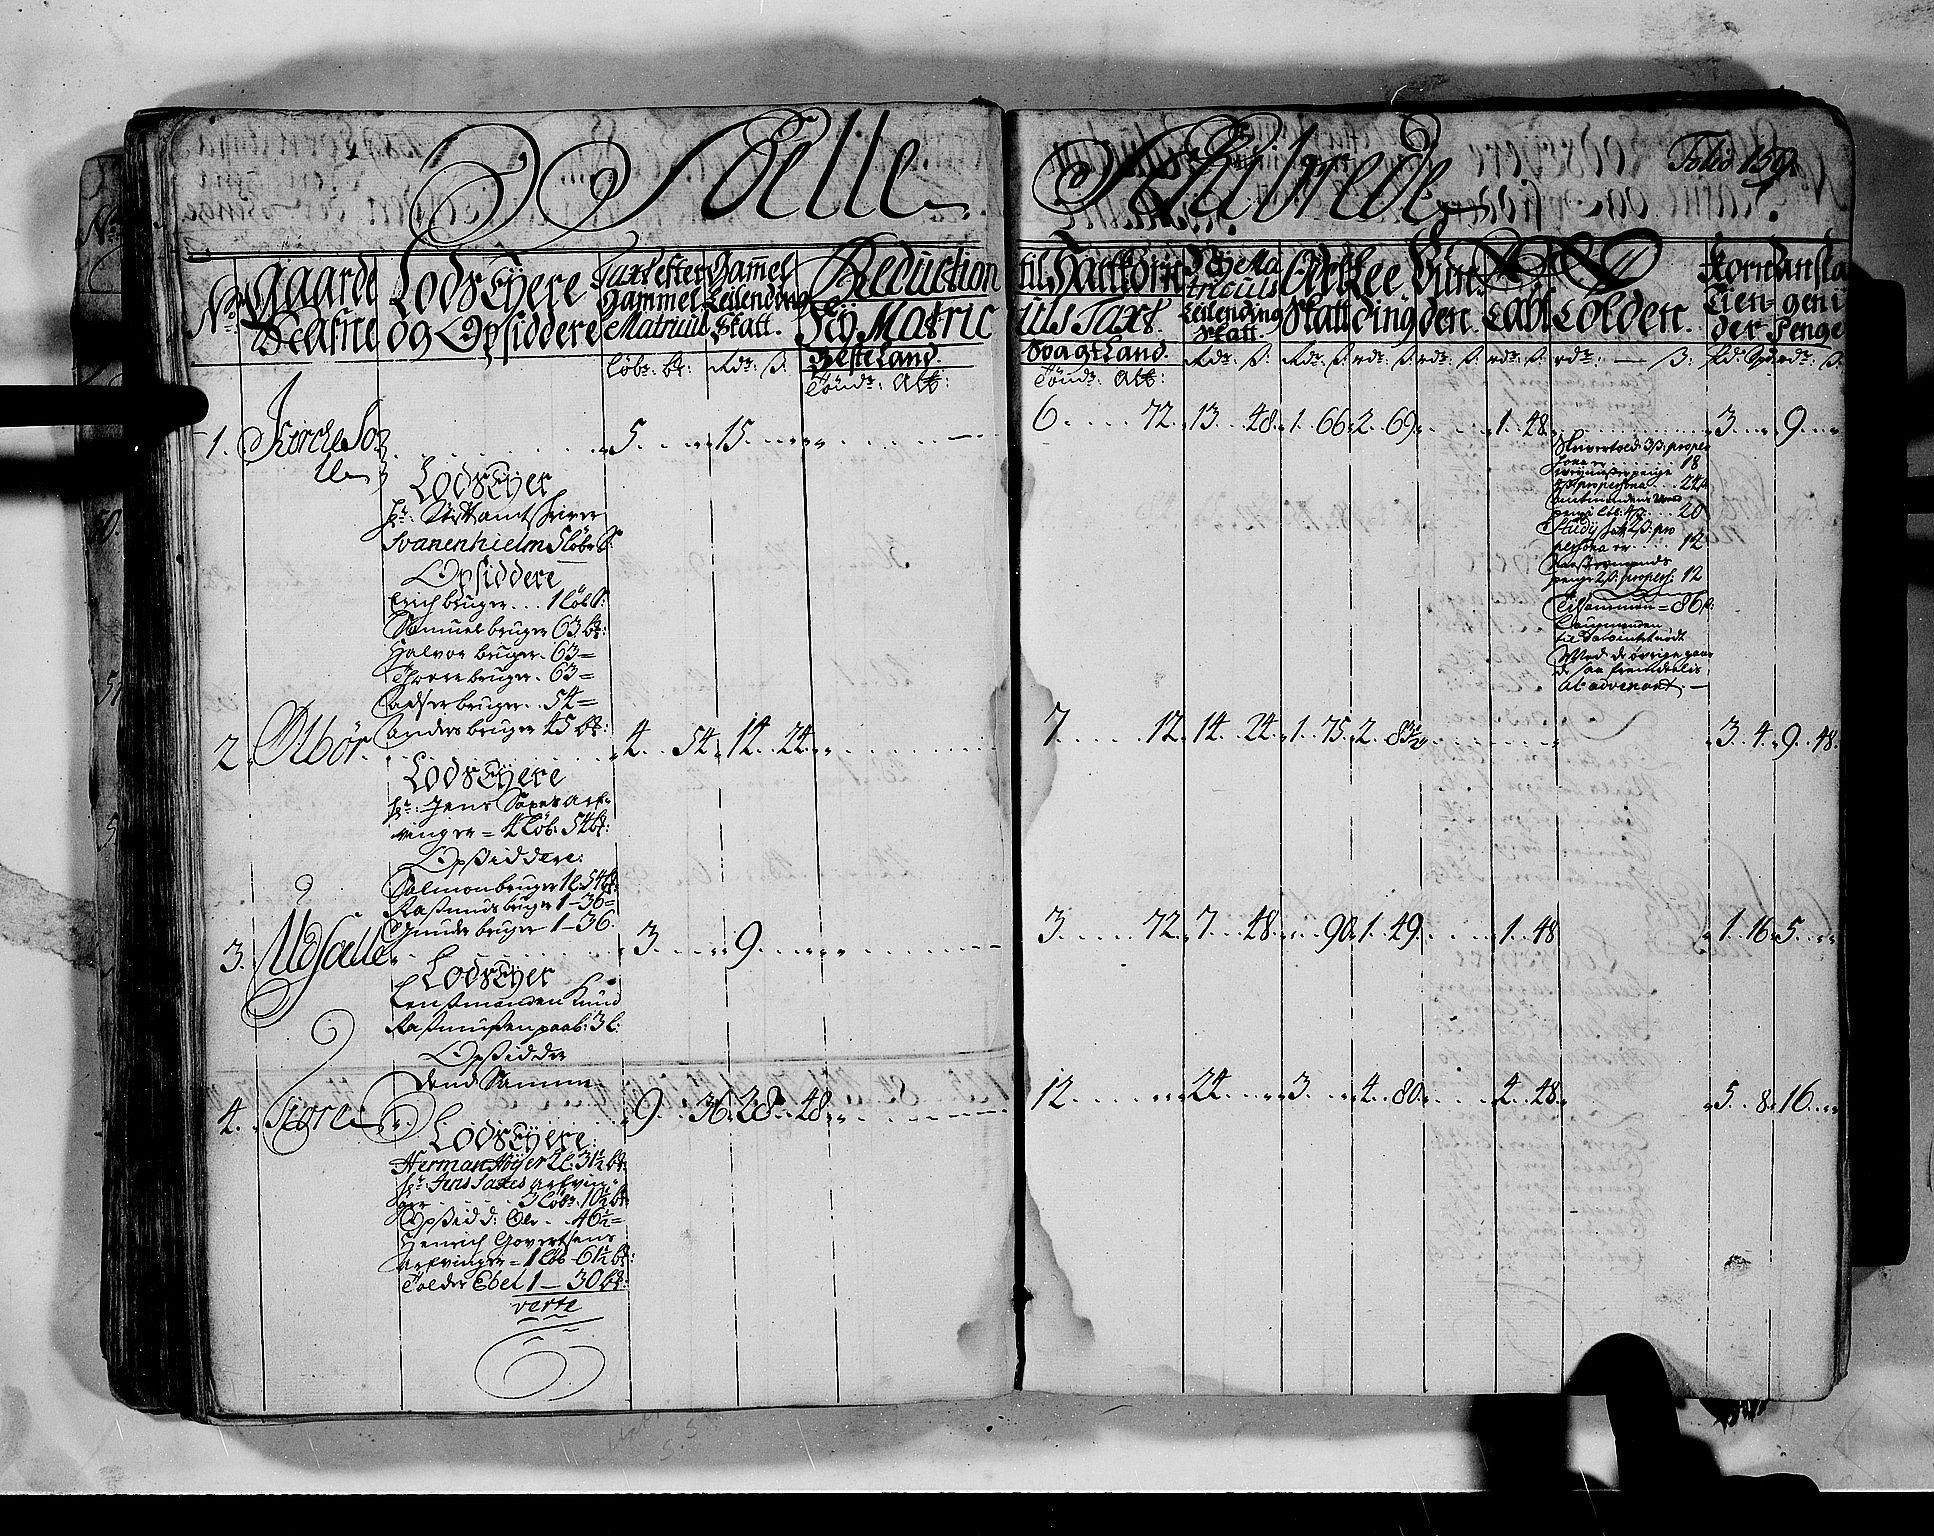 RA, Rentekammeret inntil 1814, Realistisk ordnet avdeling, N/Nb/Nbf/L0132: Jæren og Dalane matrikkelprotokoll, 1723, s. 158b-159a